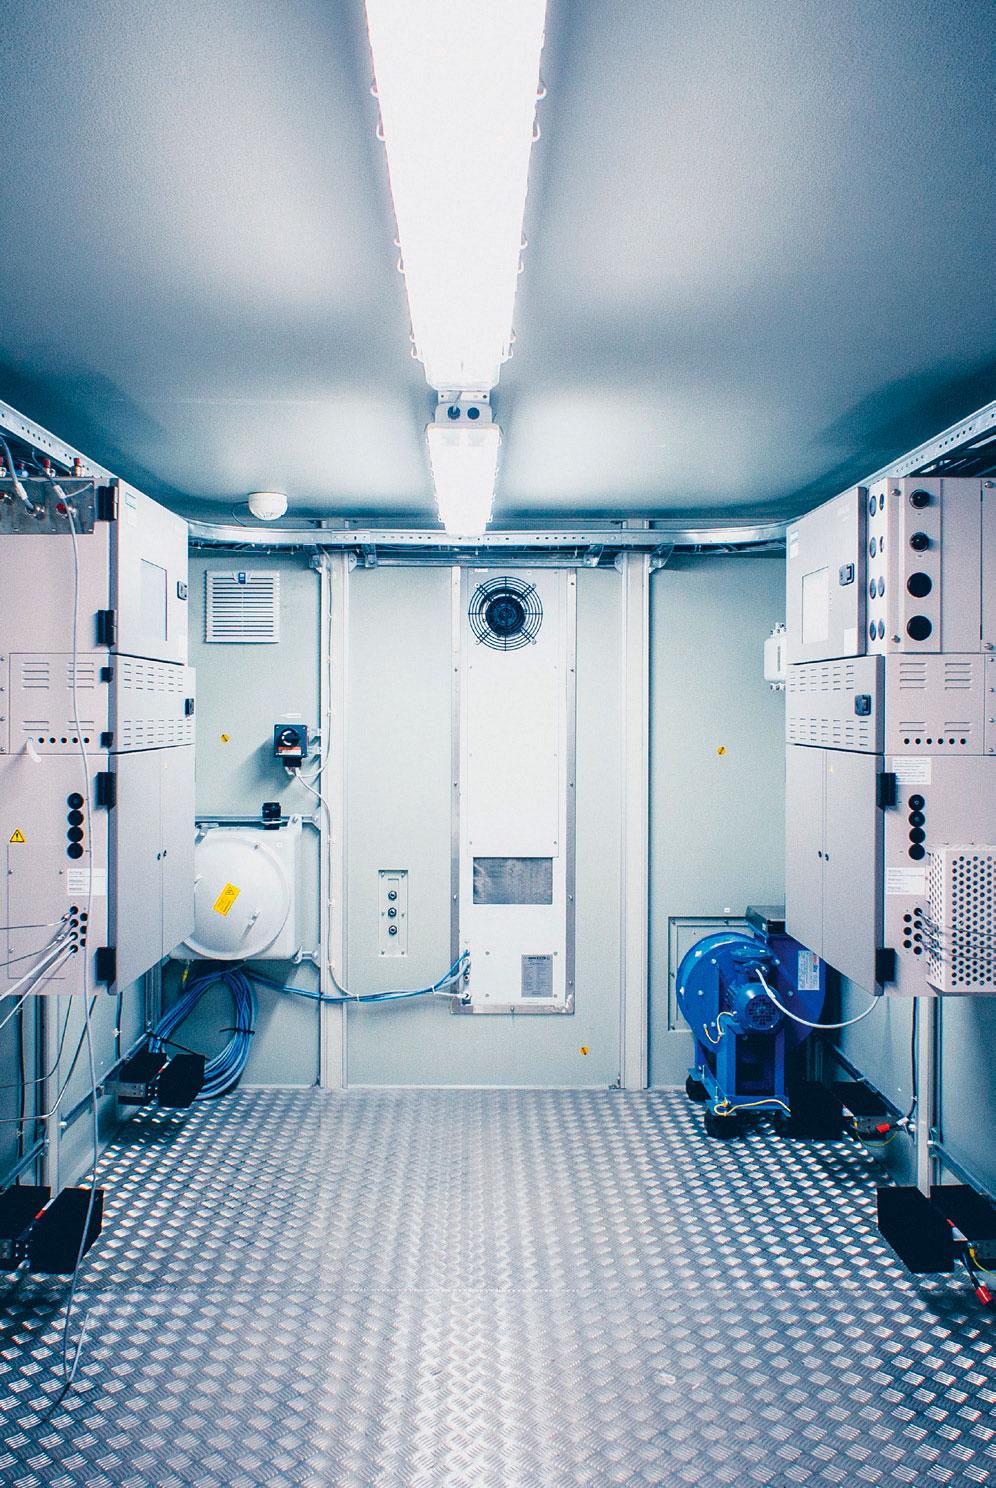 Системы жидкостного и газового анализа